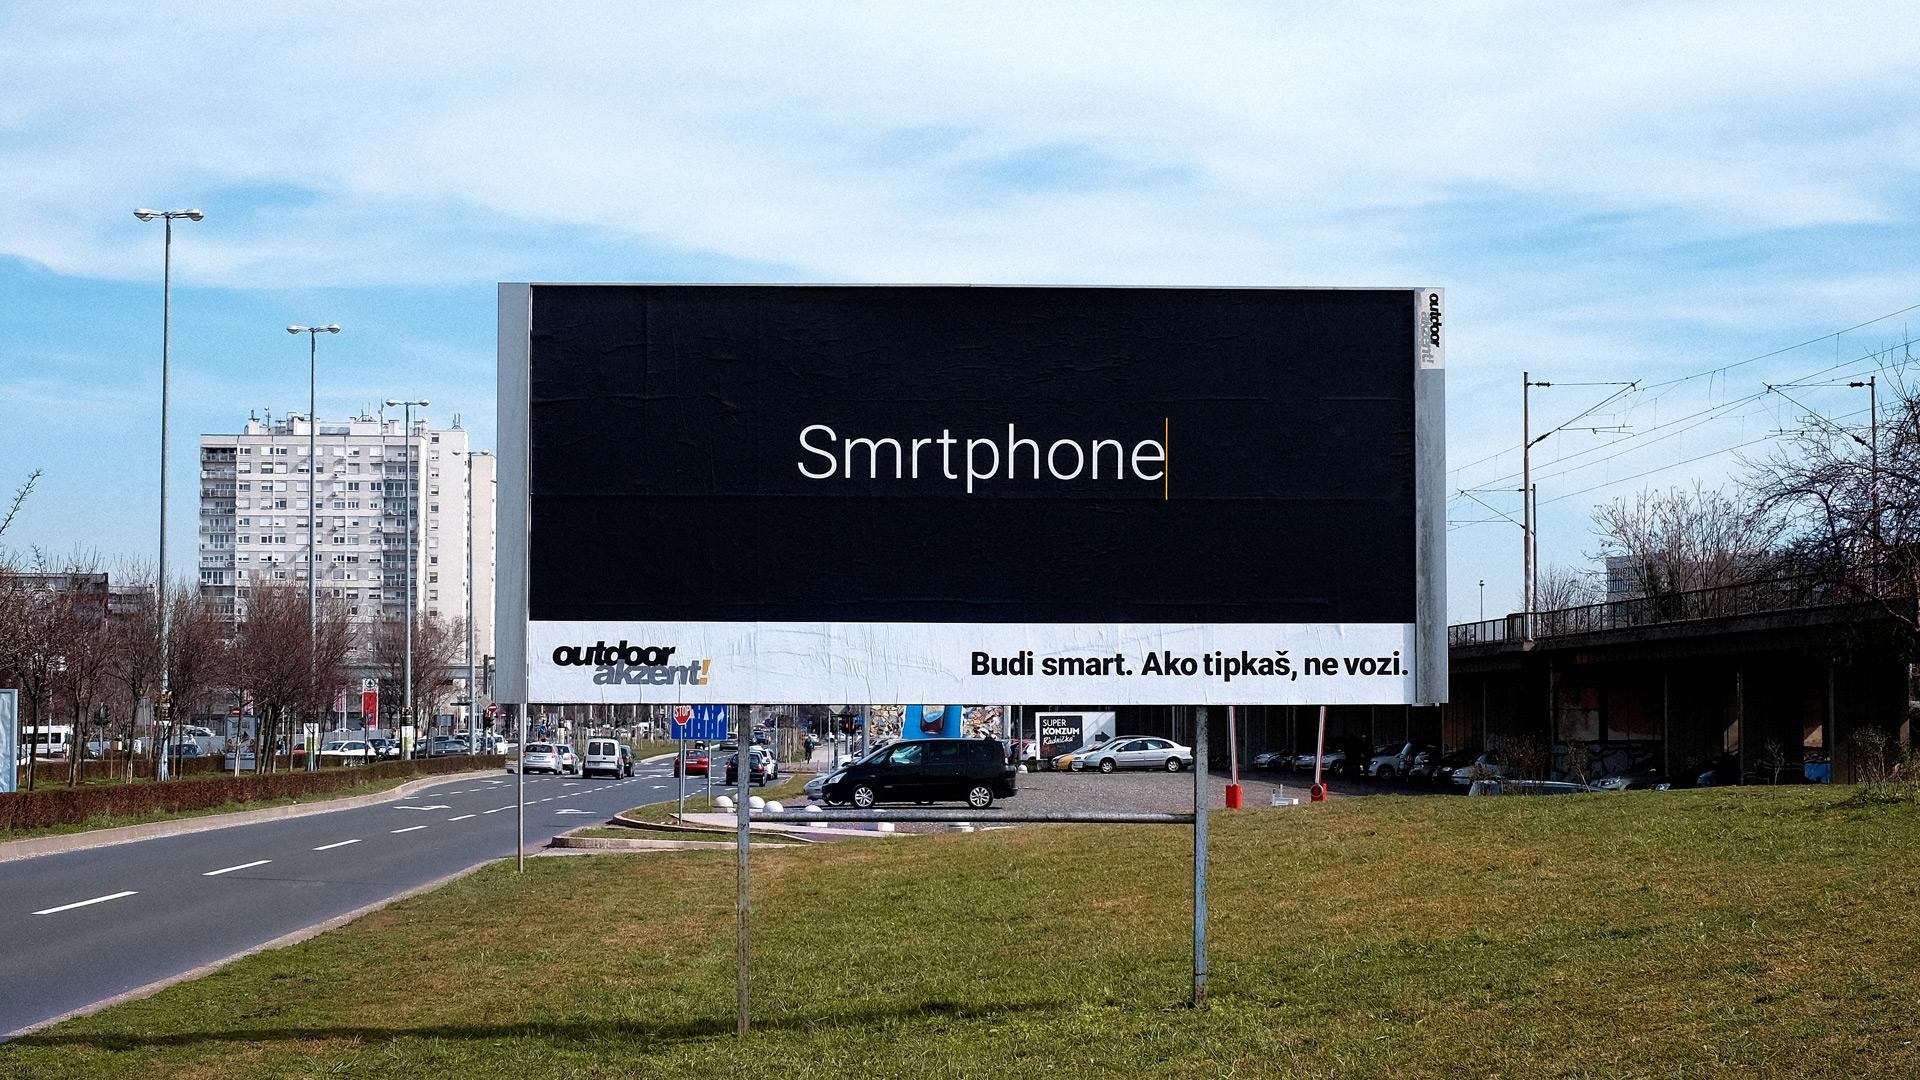 Hrabro-telefon-ako-samo-promatras-kao-da-zlostavljas-header